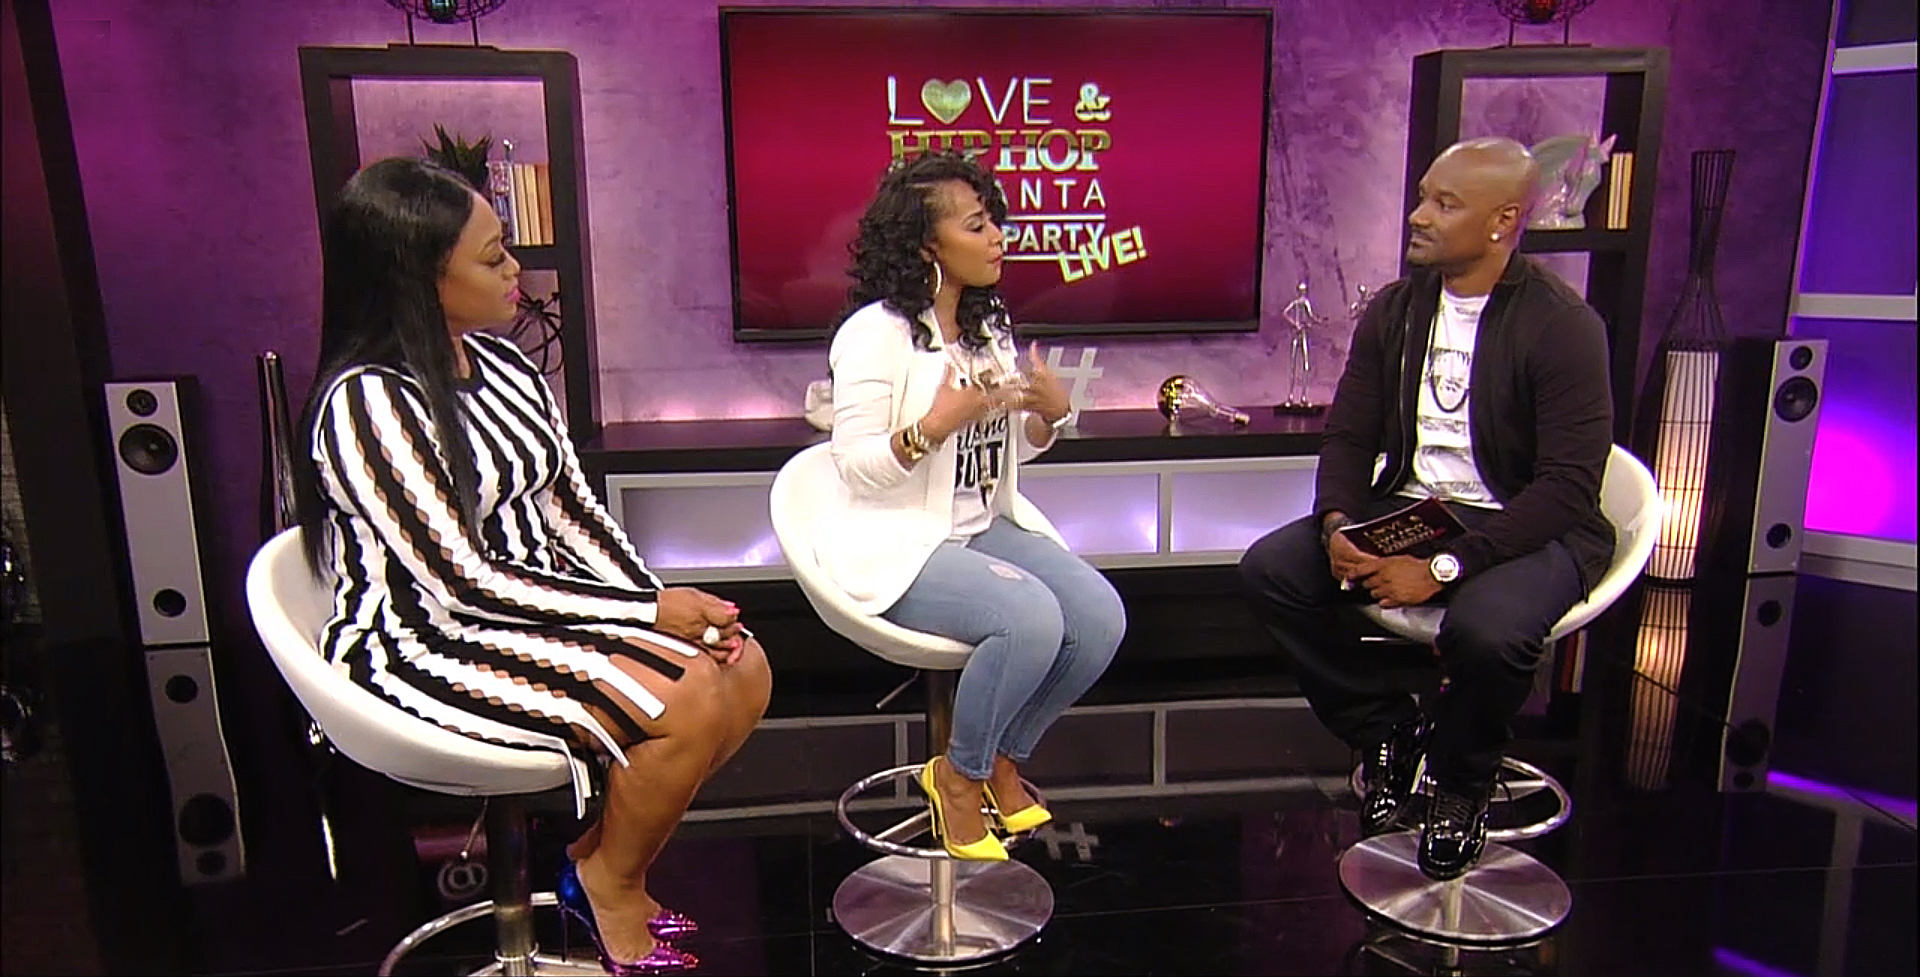 Love & Hip Hop Atlanta large.jpg